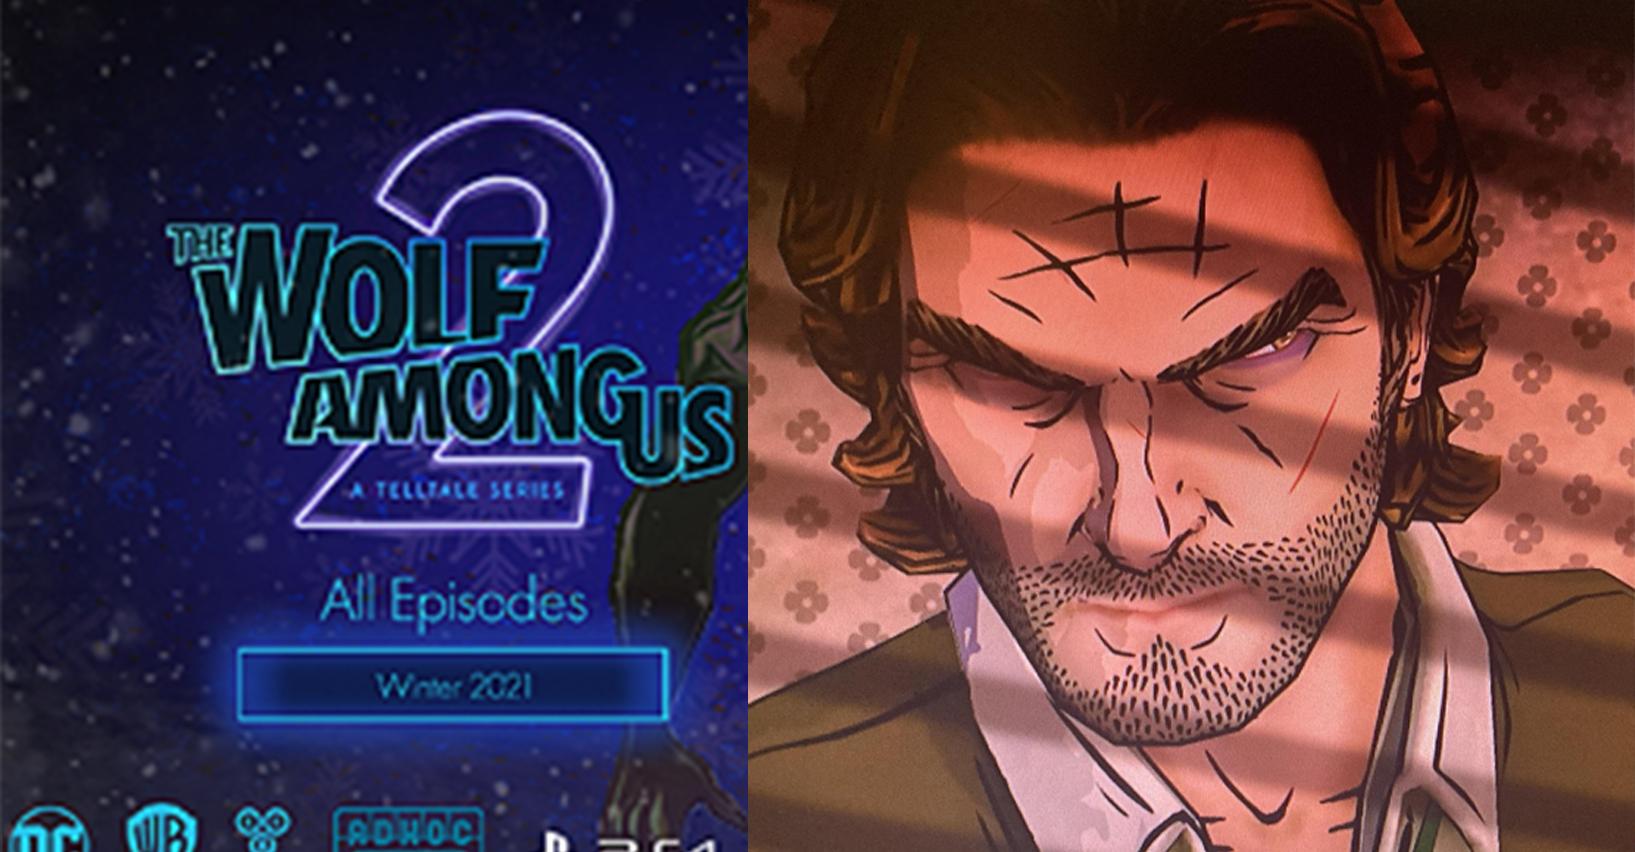 Слух: The Wolf Among Us 2 выйдет зимой 2021-го. Подробности игры